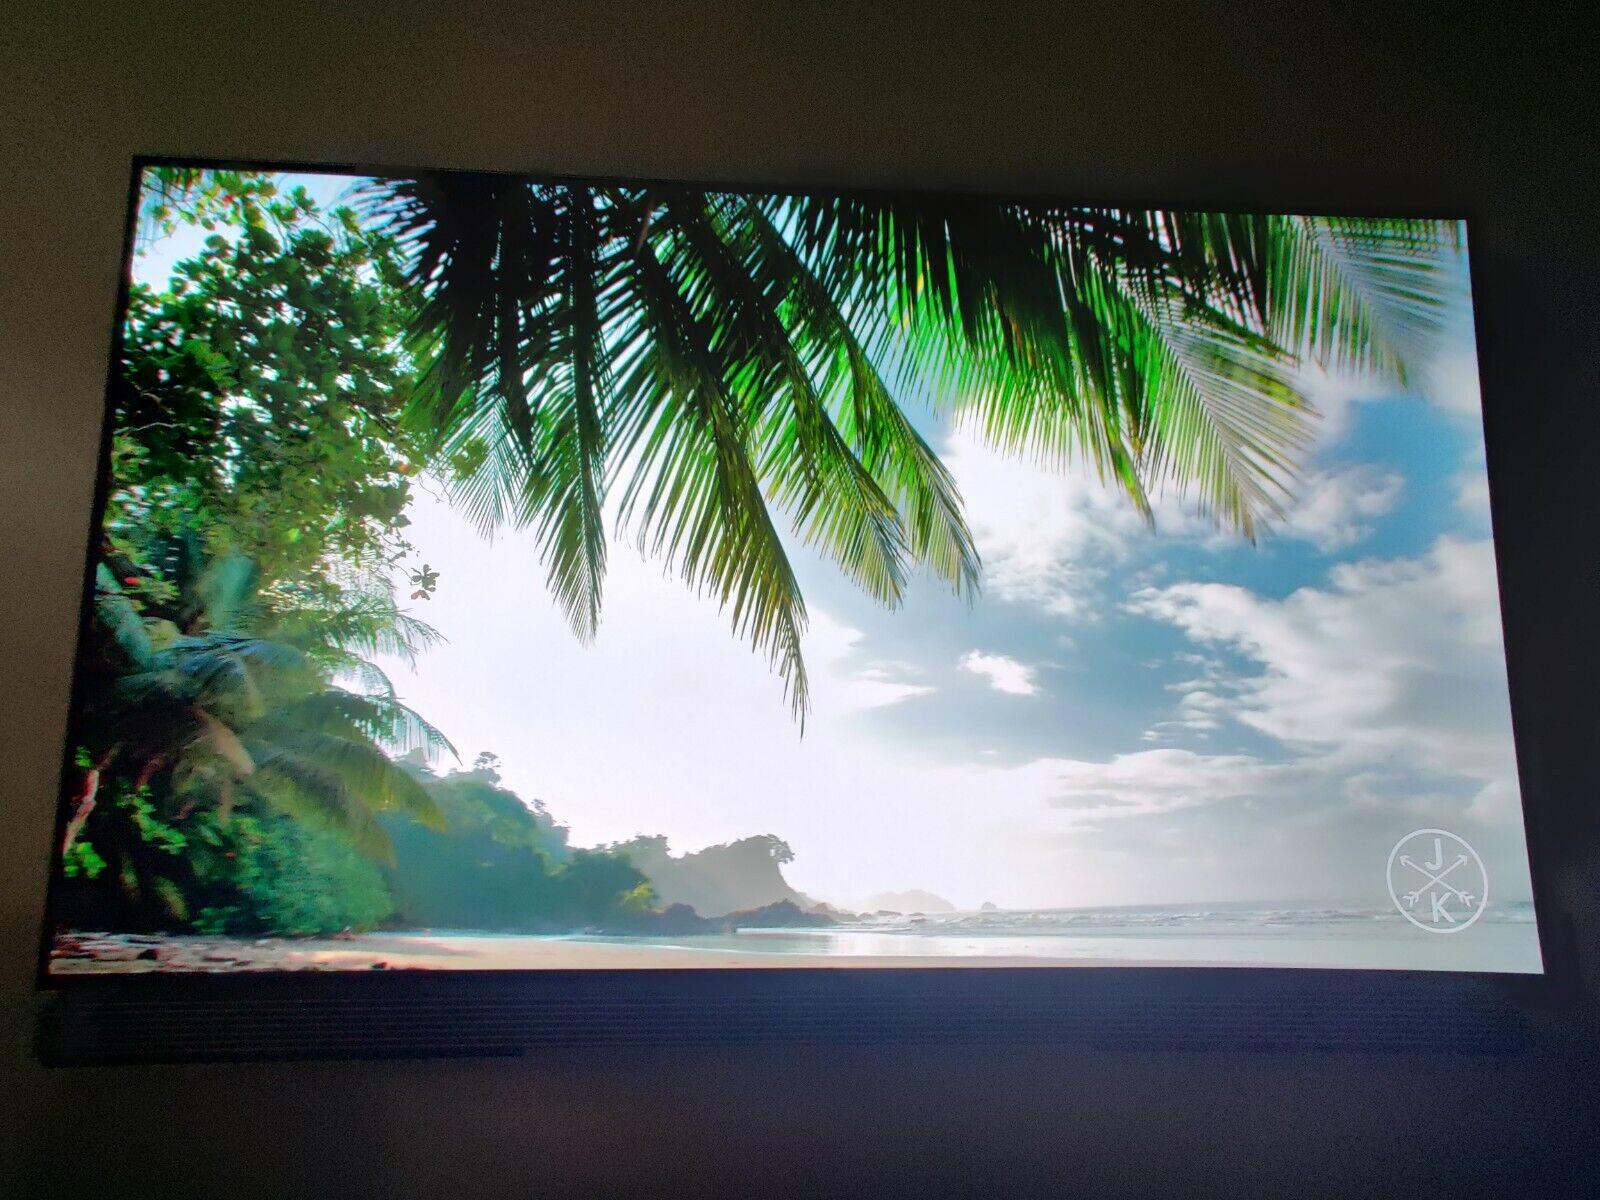 LG OLED55E6P E6 55